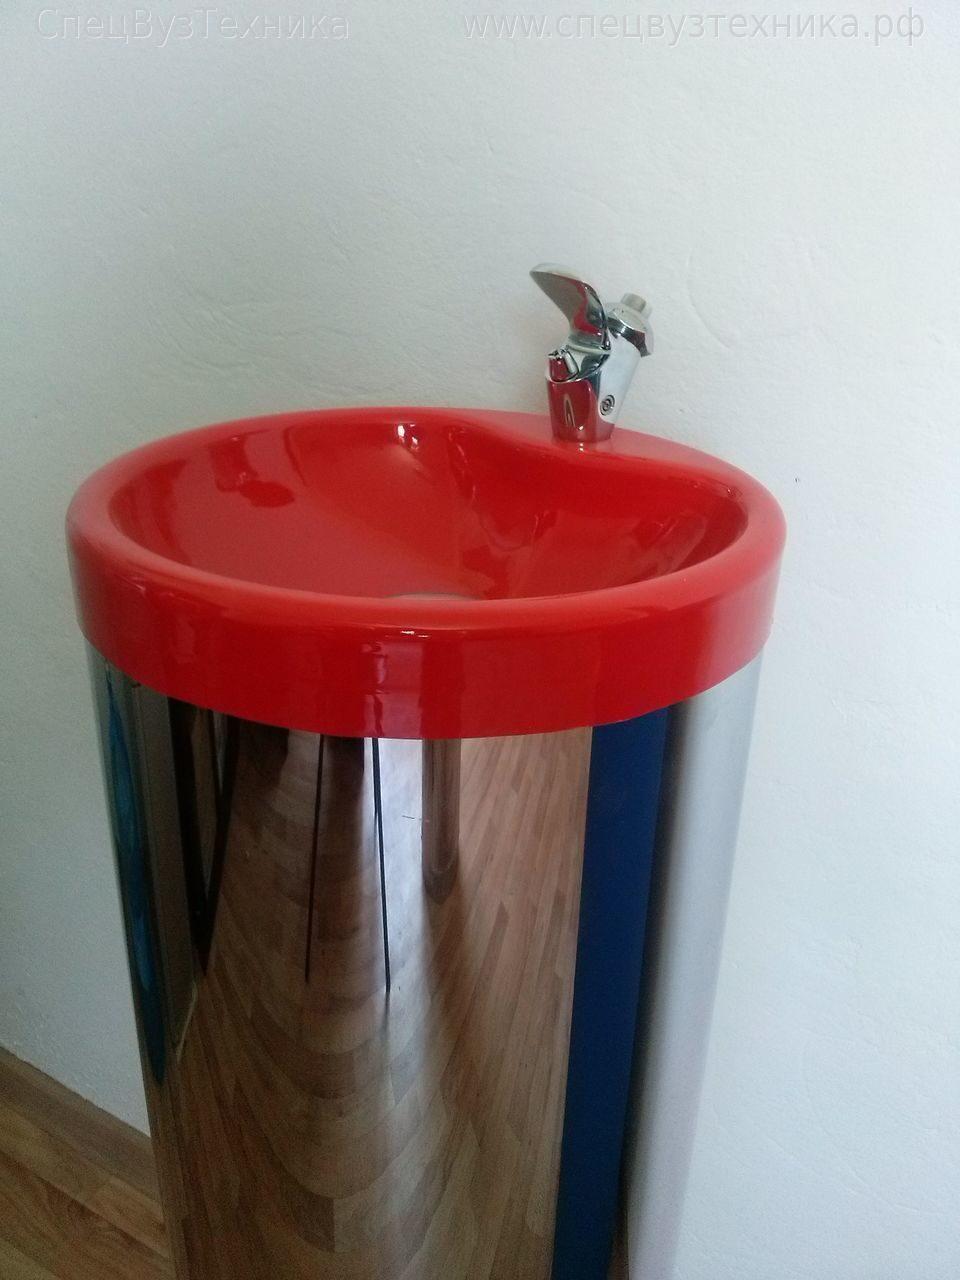 Питьевой фонтанчик для школы сделать